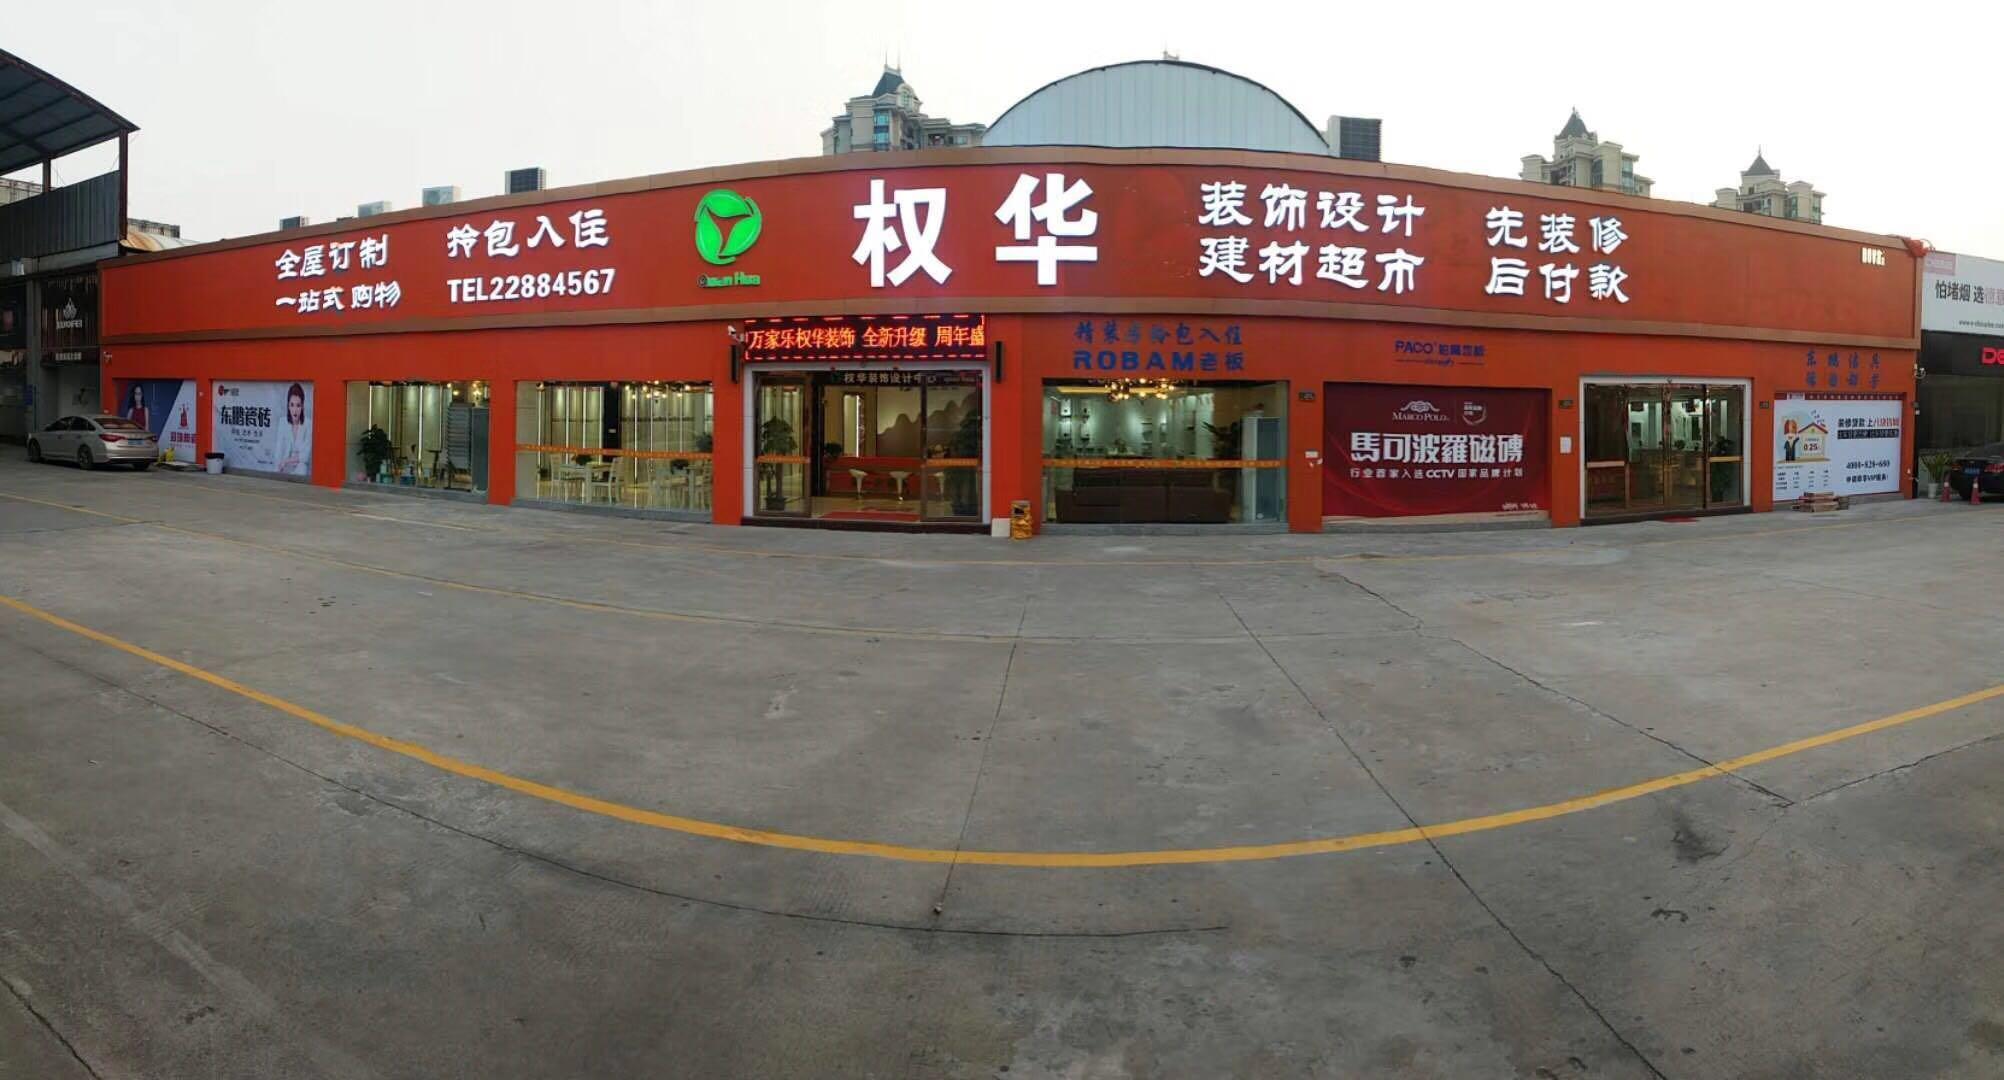 东莞市权华装饰设计工程有限公司 - 东莞装修公司